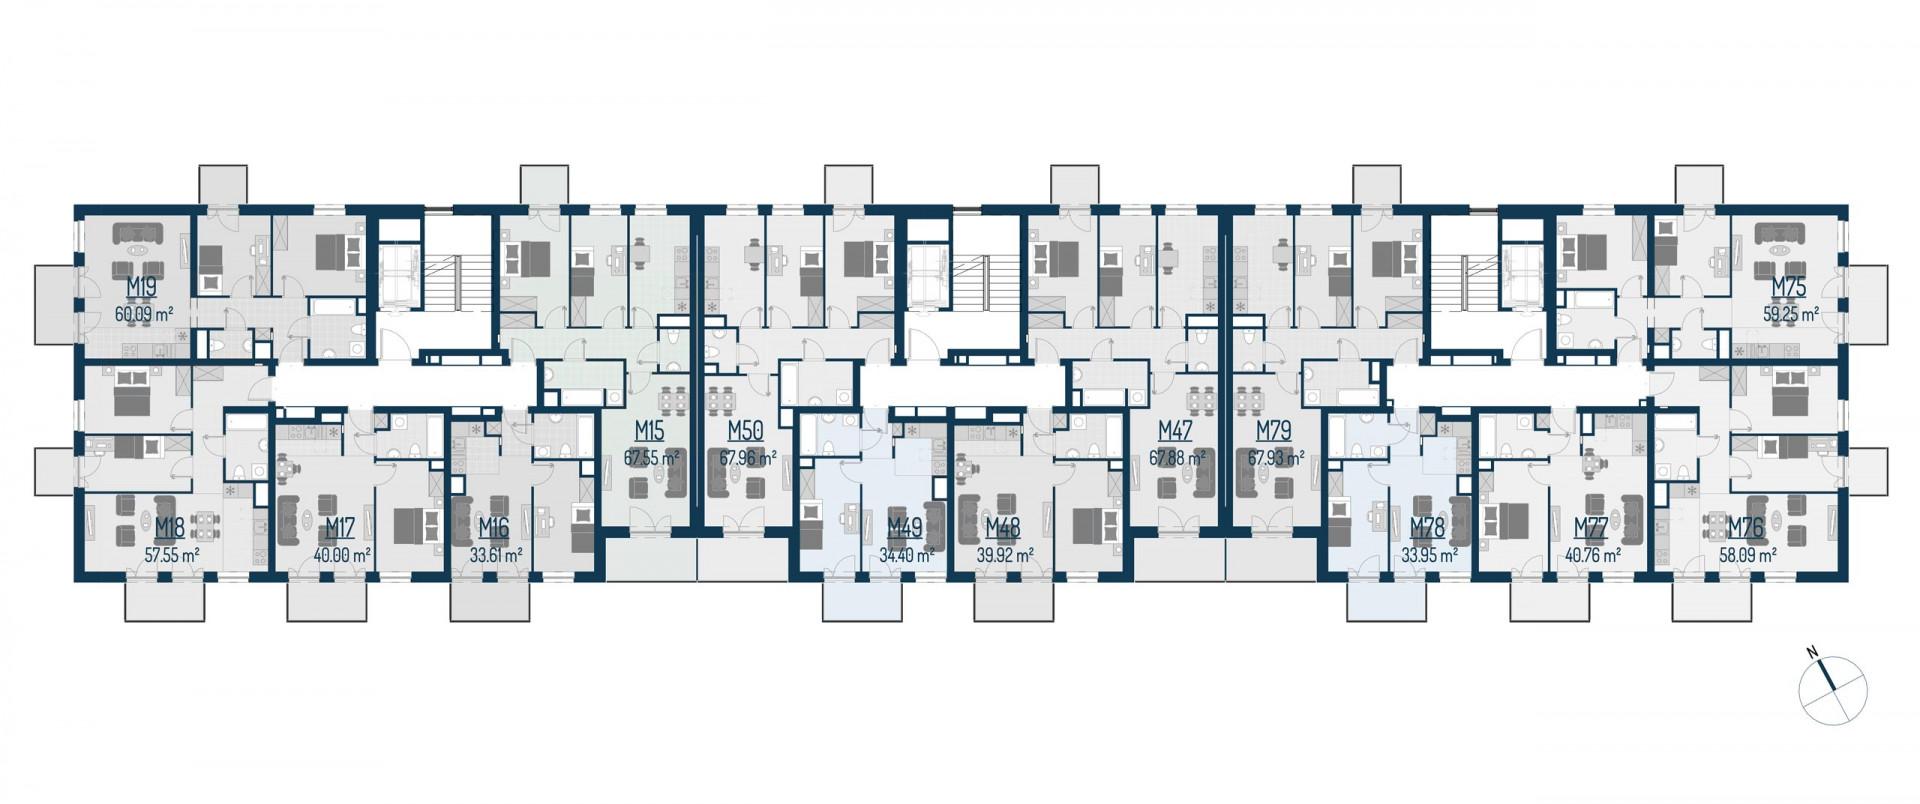 Zdrowe Stylove / budynek 1 / mieszkanie nr M18 rzut 2